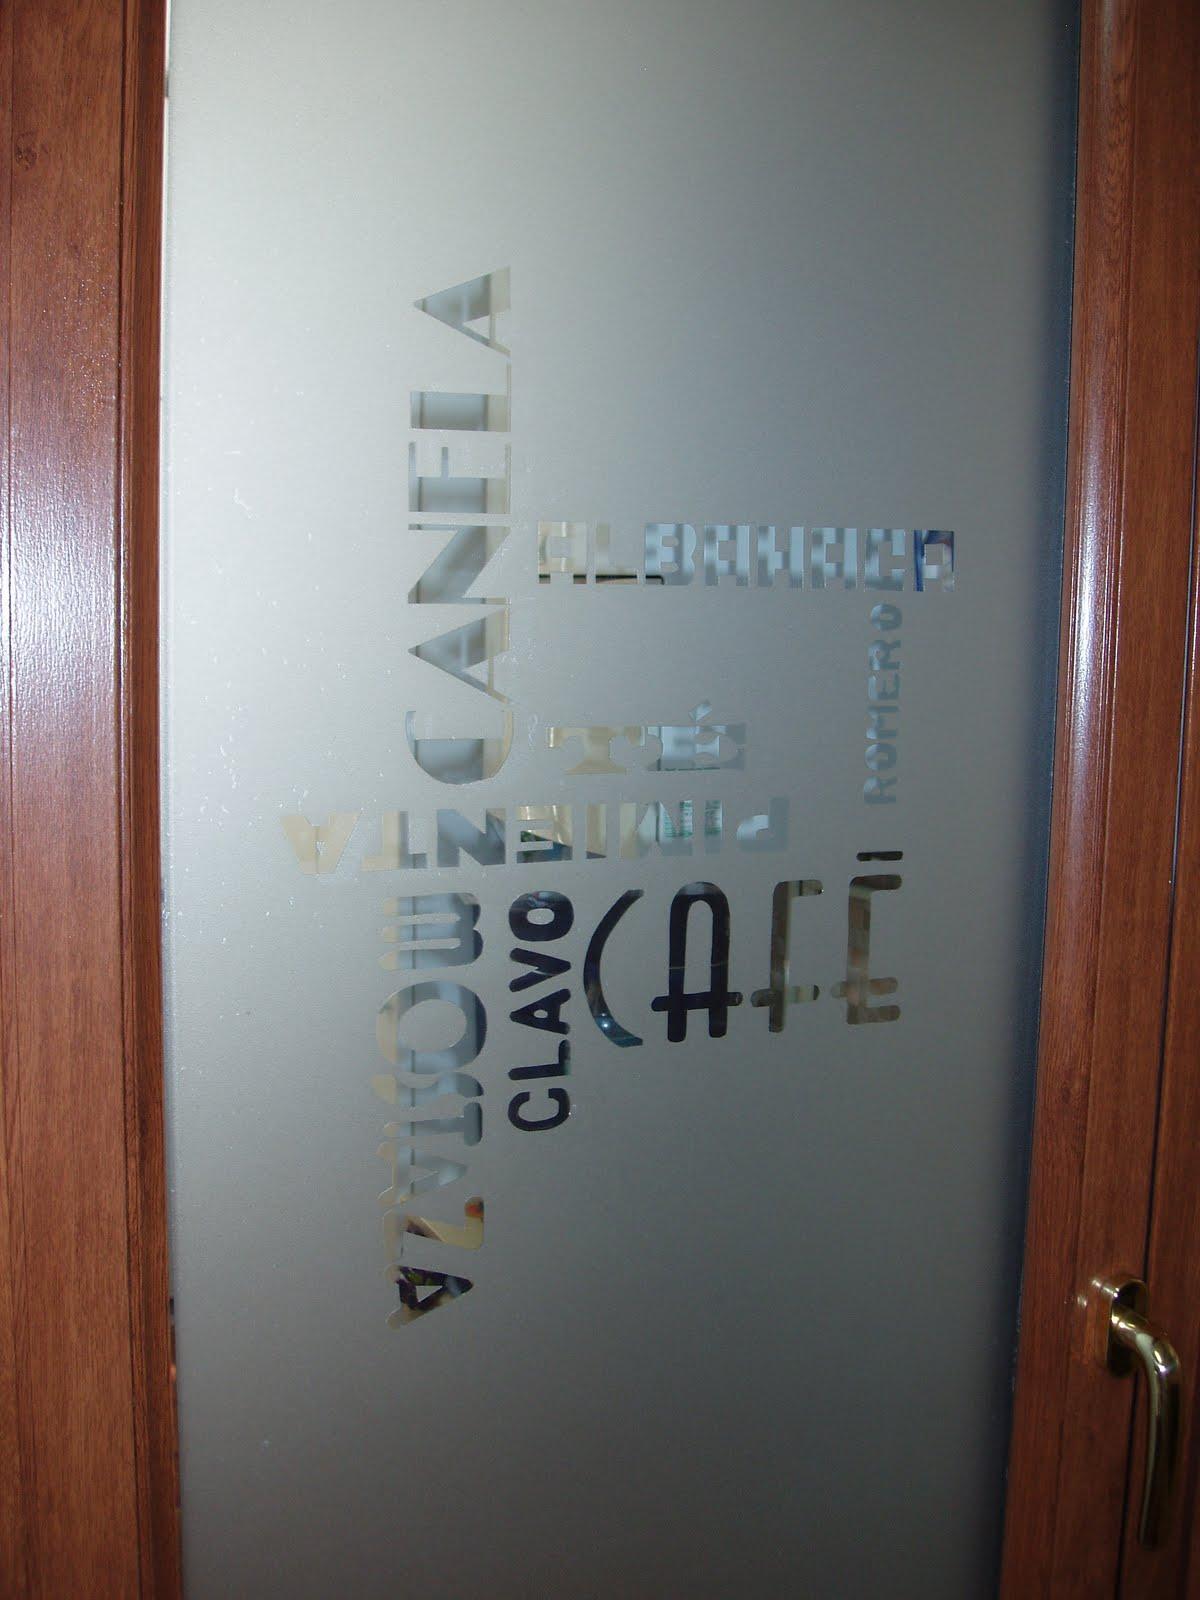 La quiroguilla de moda para qu poner cortinas - Que cortinas poner en la cocina ...